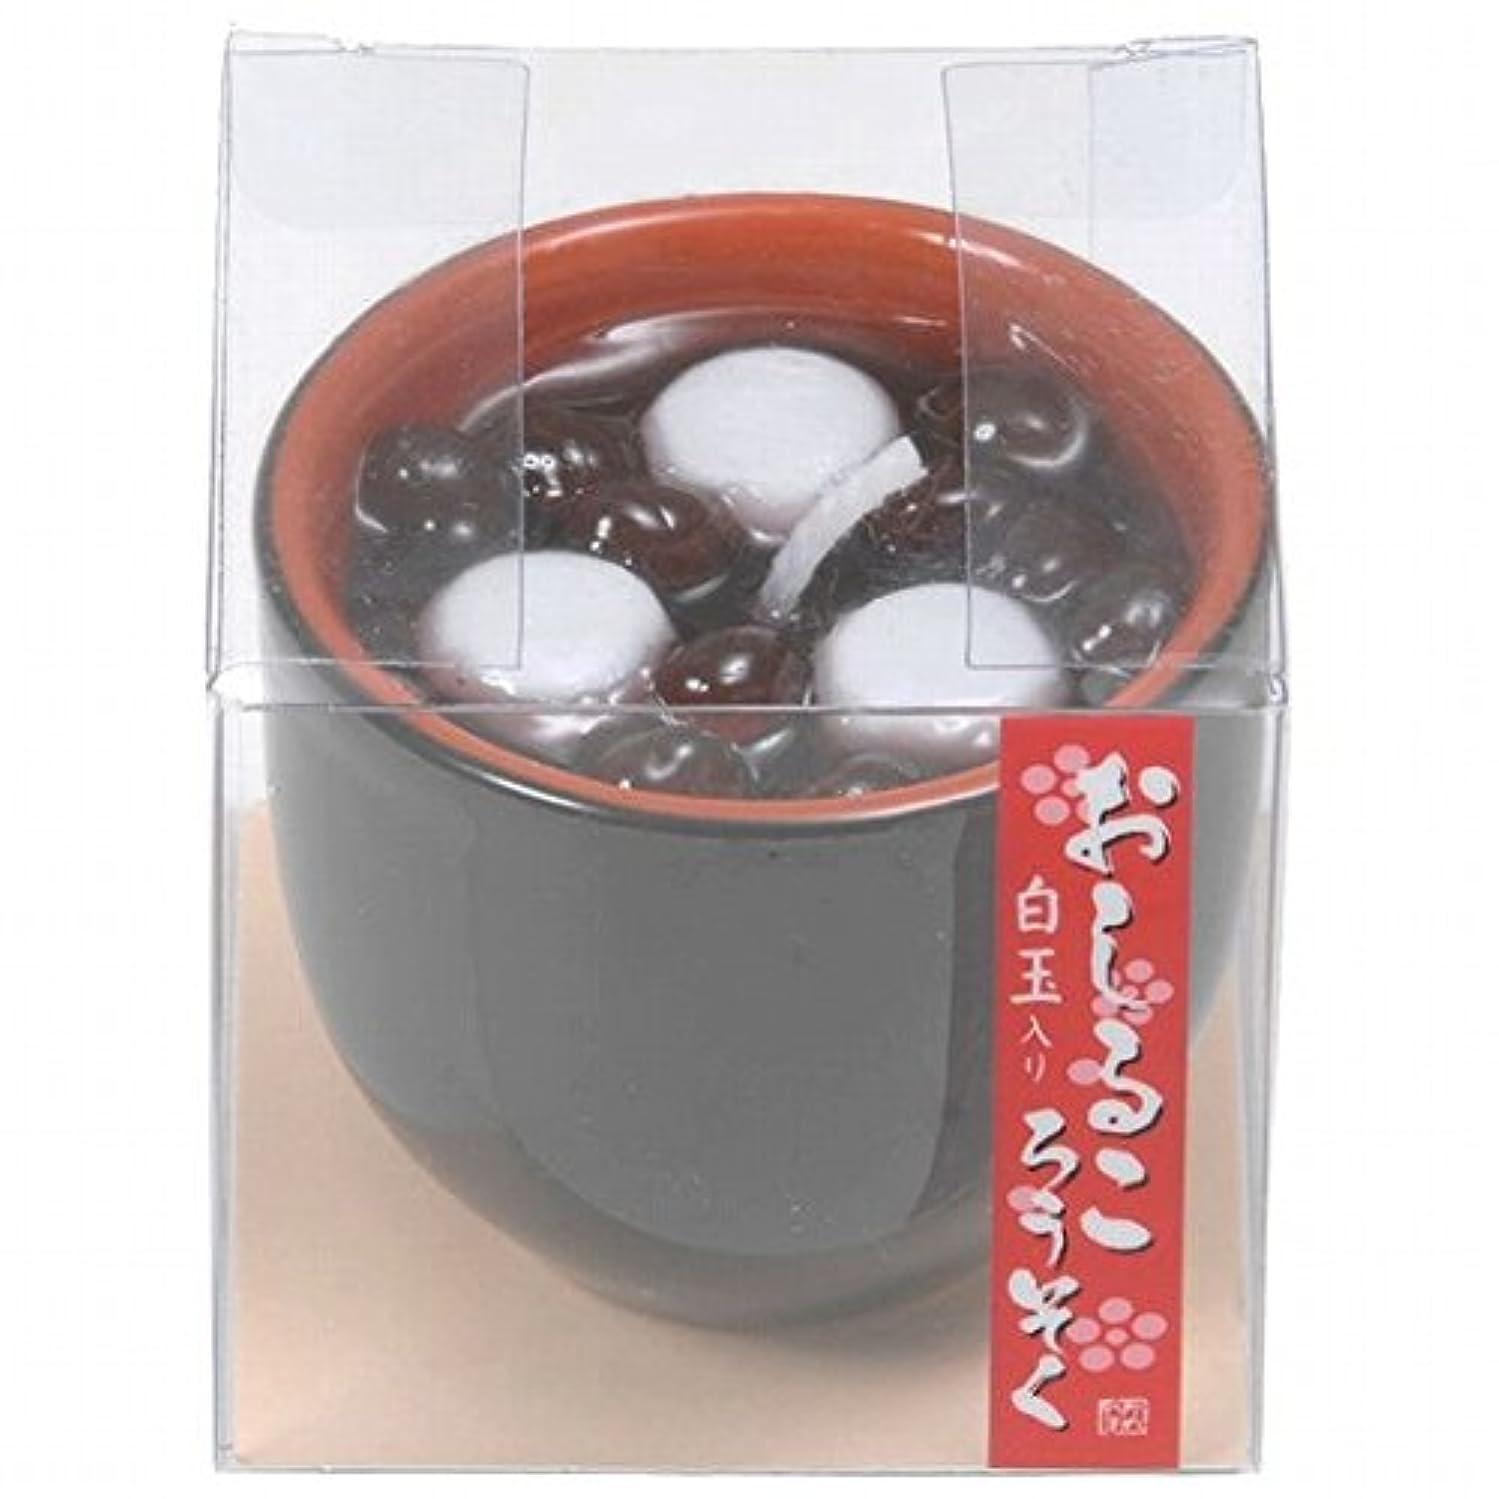 セーブ書店ペンフレンドカメヤマキャンドル( kameyama candle ) おしるころうそく キャンドル